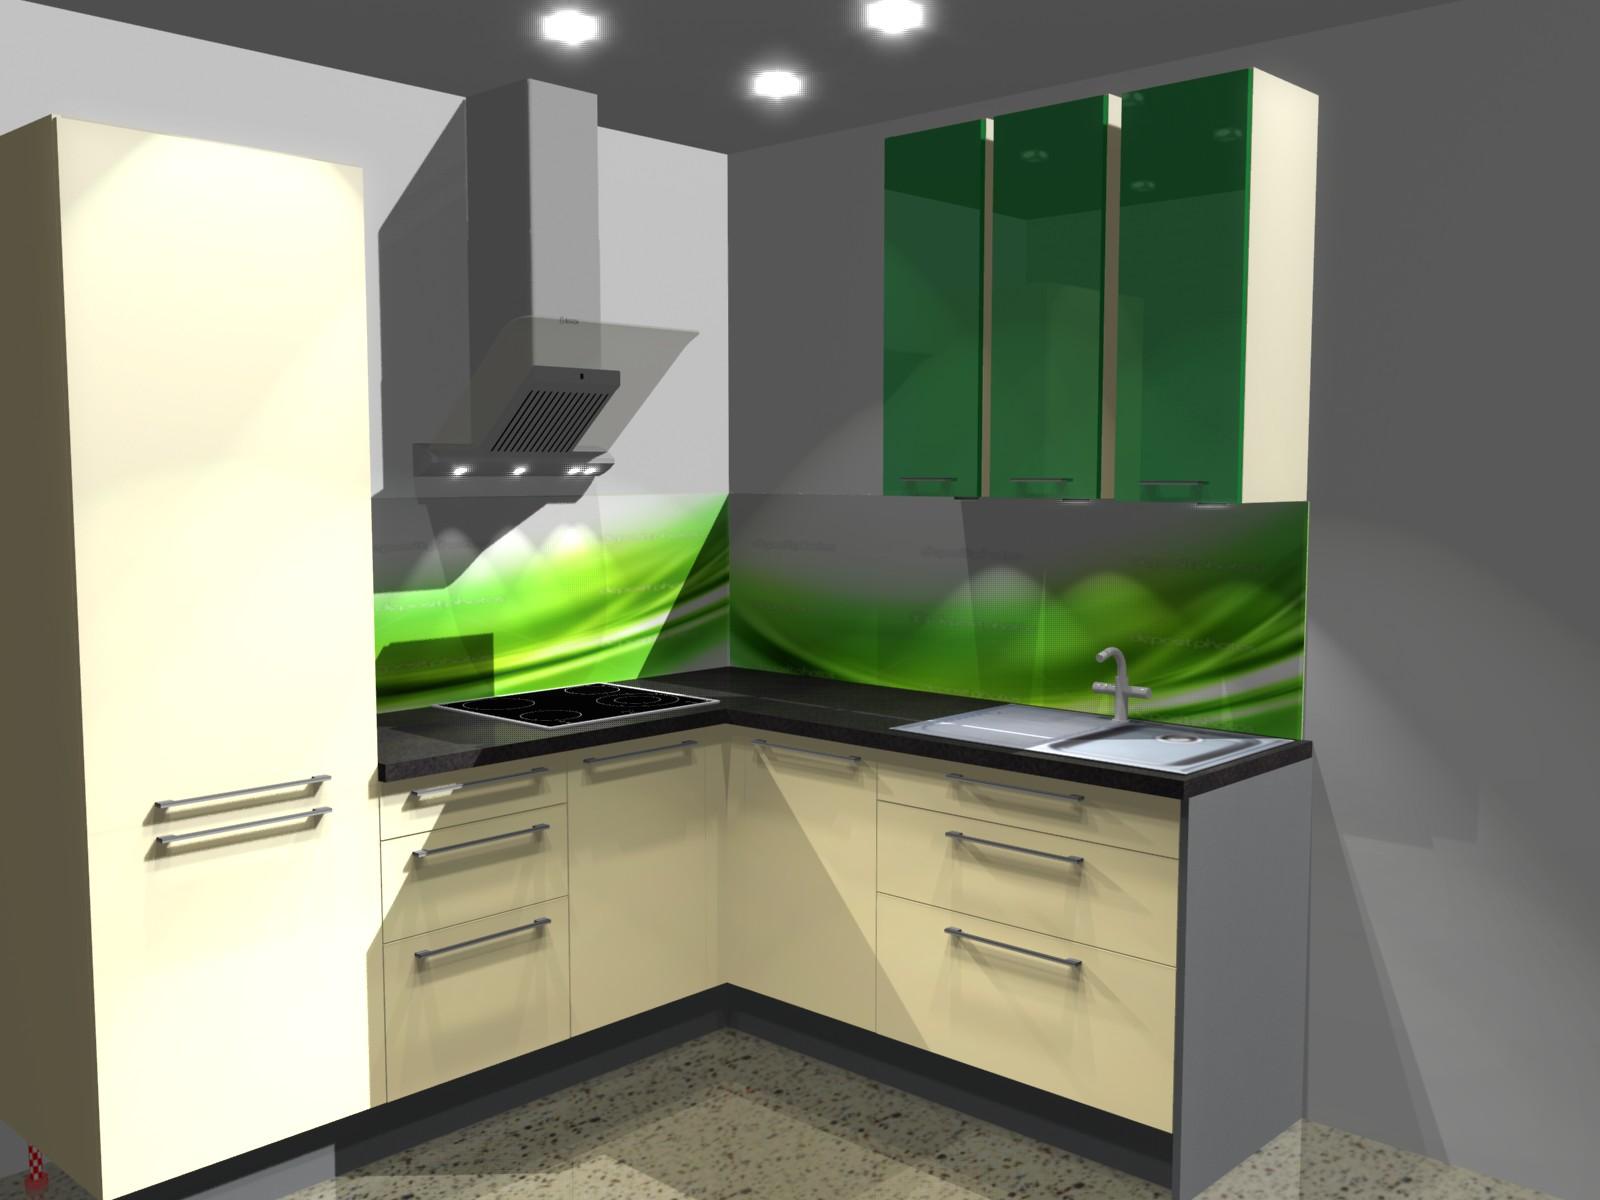 Nowoczesne rozwiązania w kuchni  darexkuchniepl